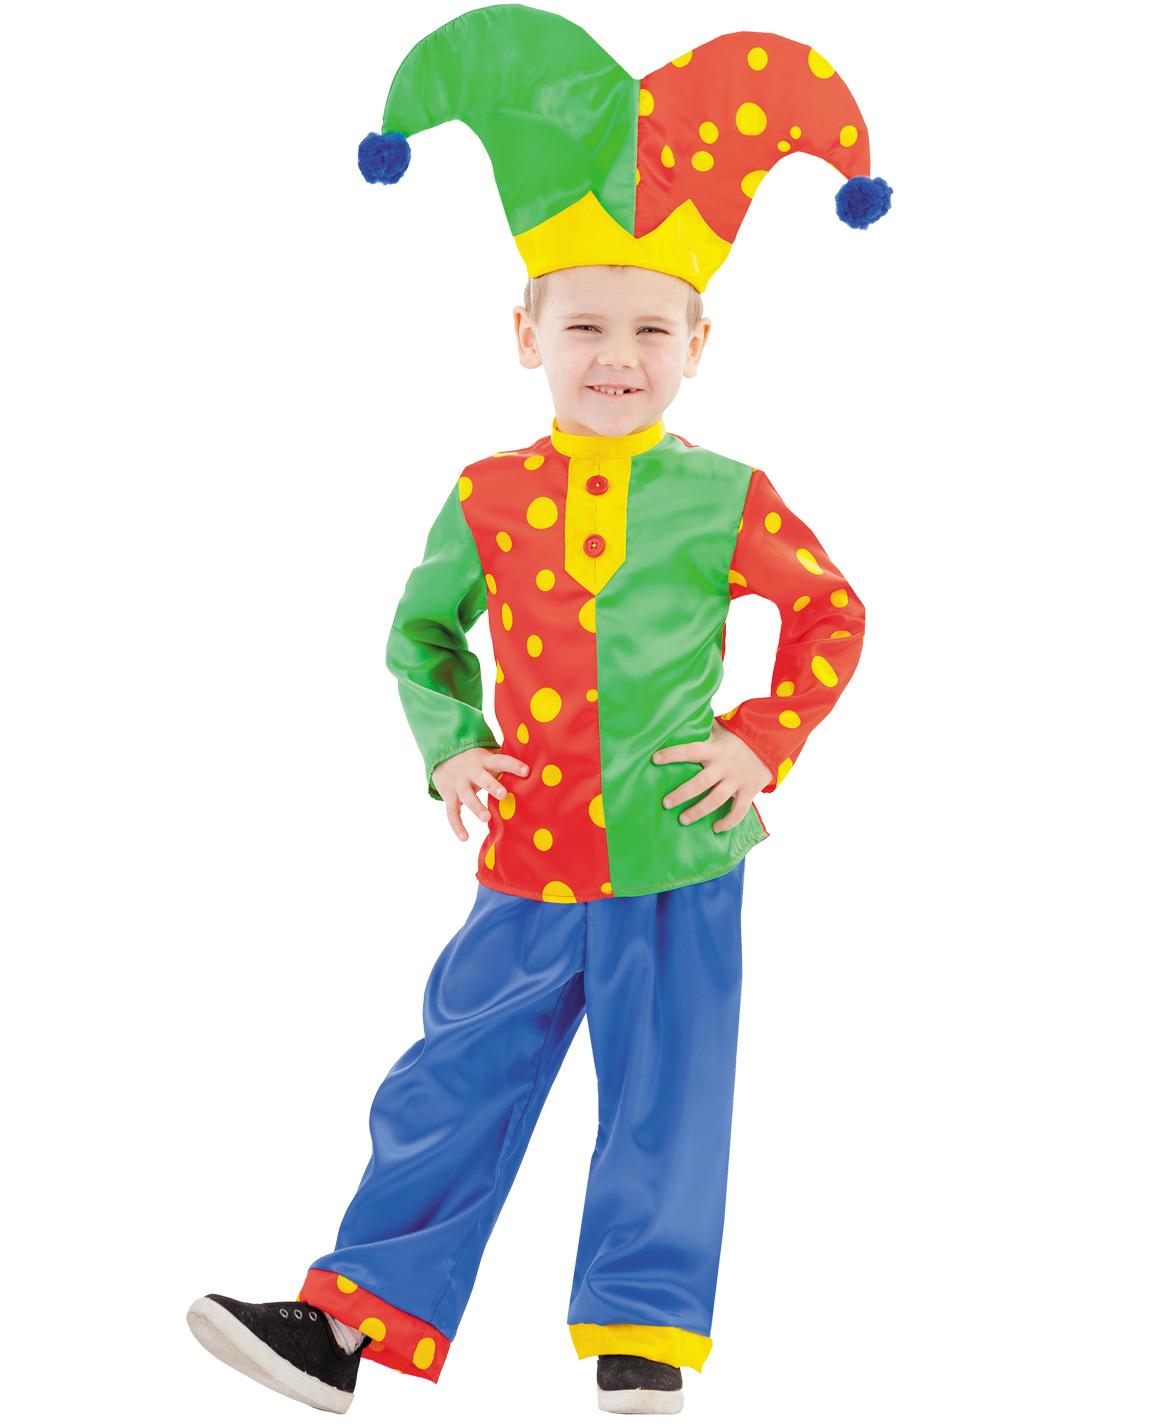 Карнавальный костюм Батик Клоун, цв. разноцветный р.134 1051 к-19